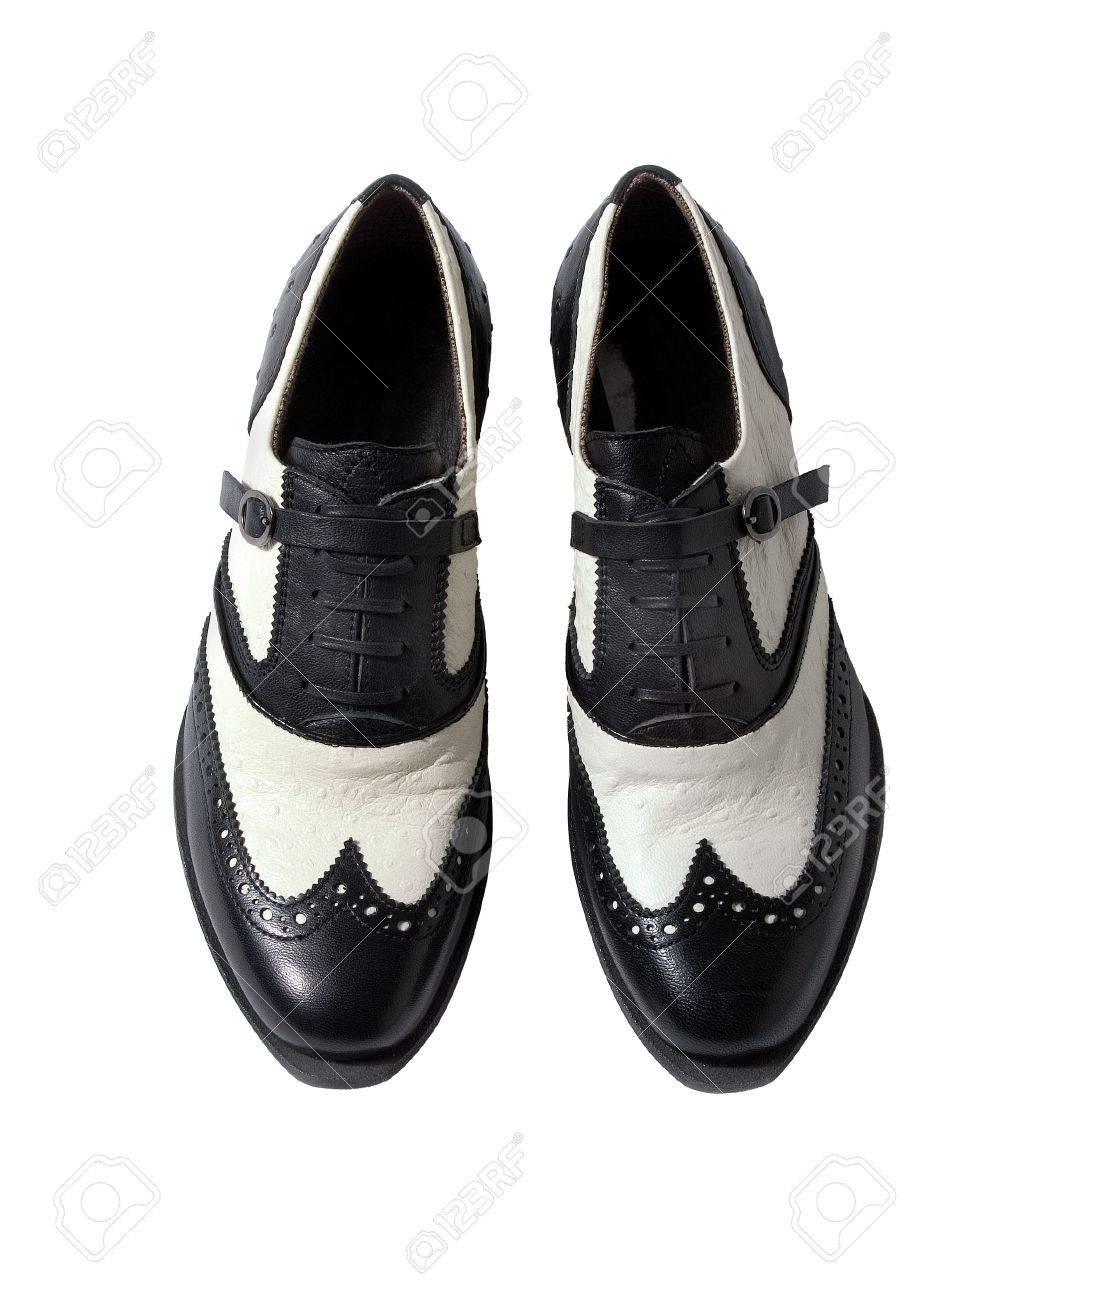 Blanc La Peau D'autruche Richelieu Oxford Fond Sur Inclus Chaussures Isolé Femmes Ceinturés Détourage Bicolores TFJK1cl